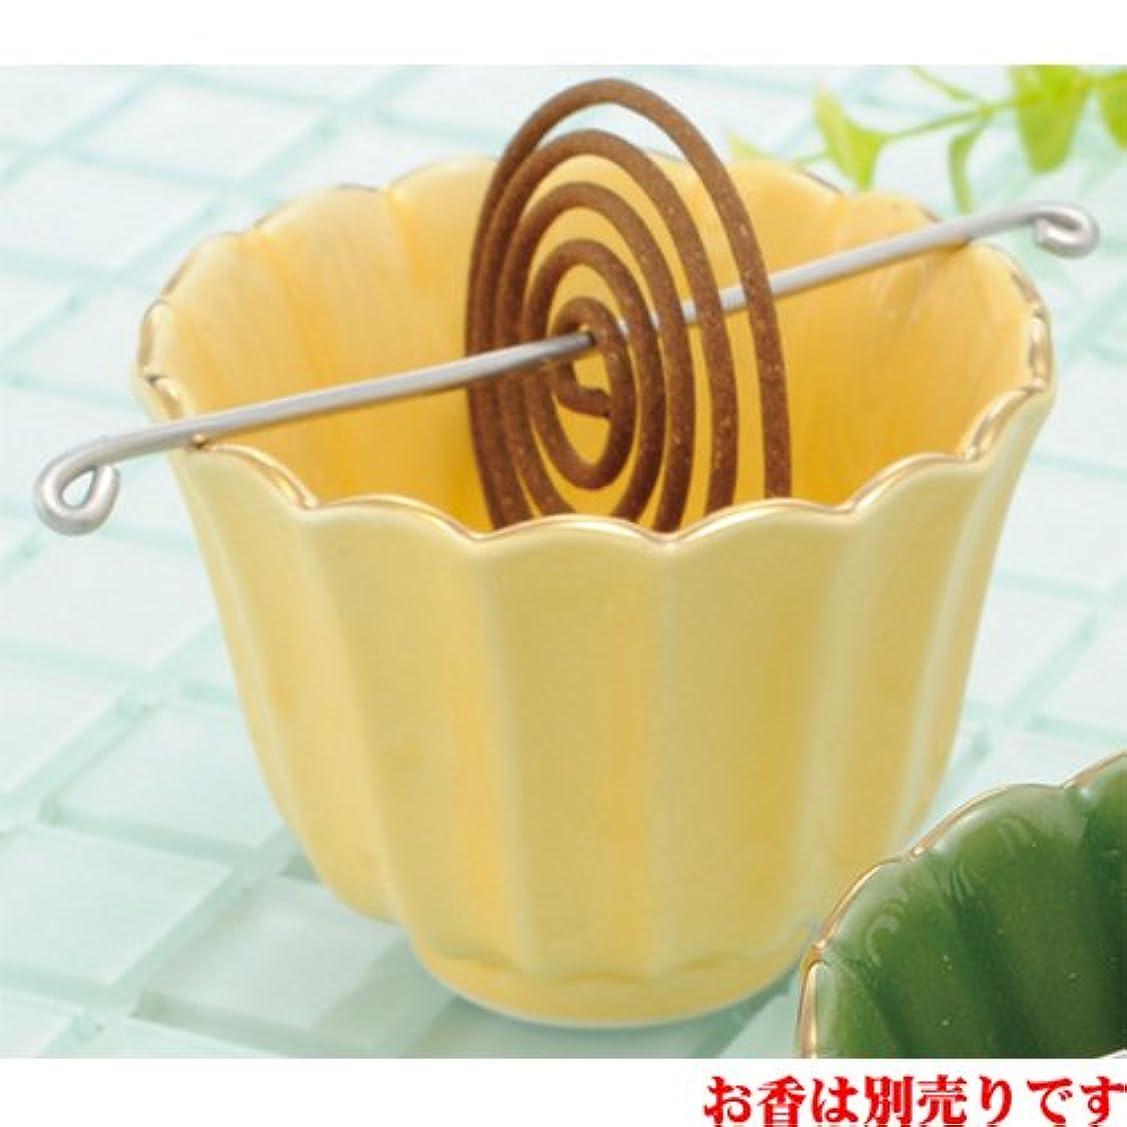 フィールドニッケル夢香皿 菊型 香鉢(黄) [R8xH6.3cm] プレゼント ギフト 和食器 かわいい インテリア